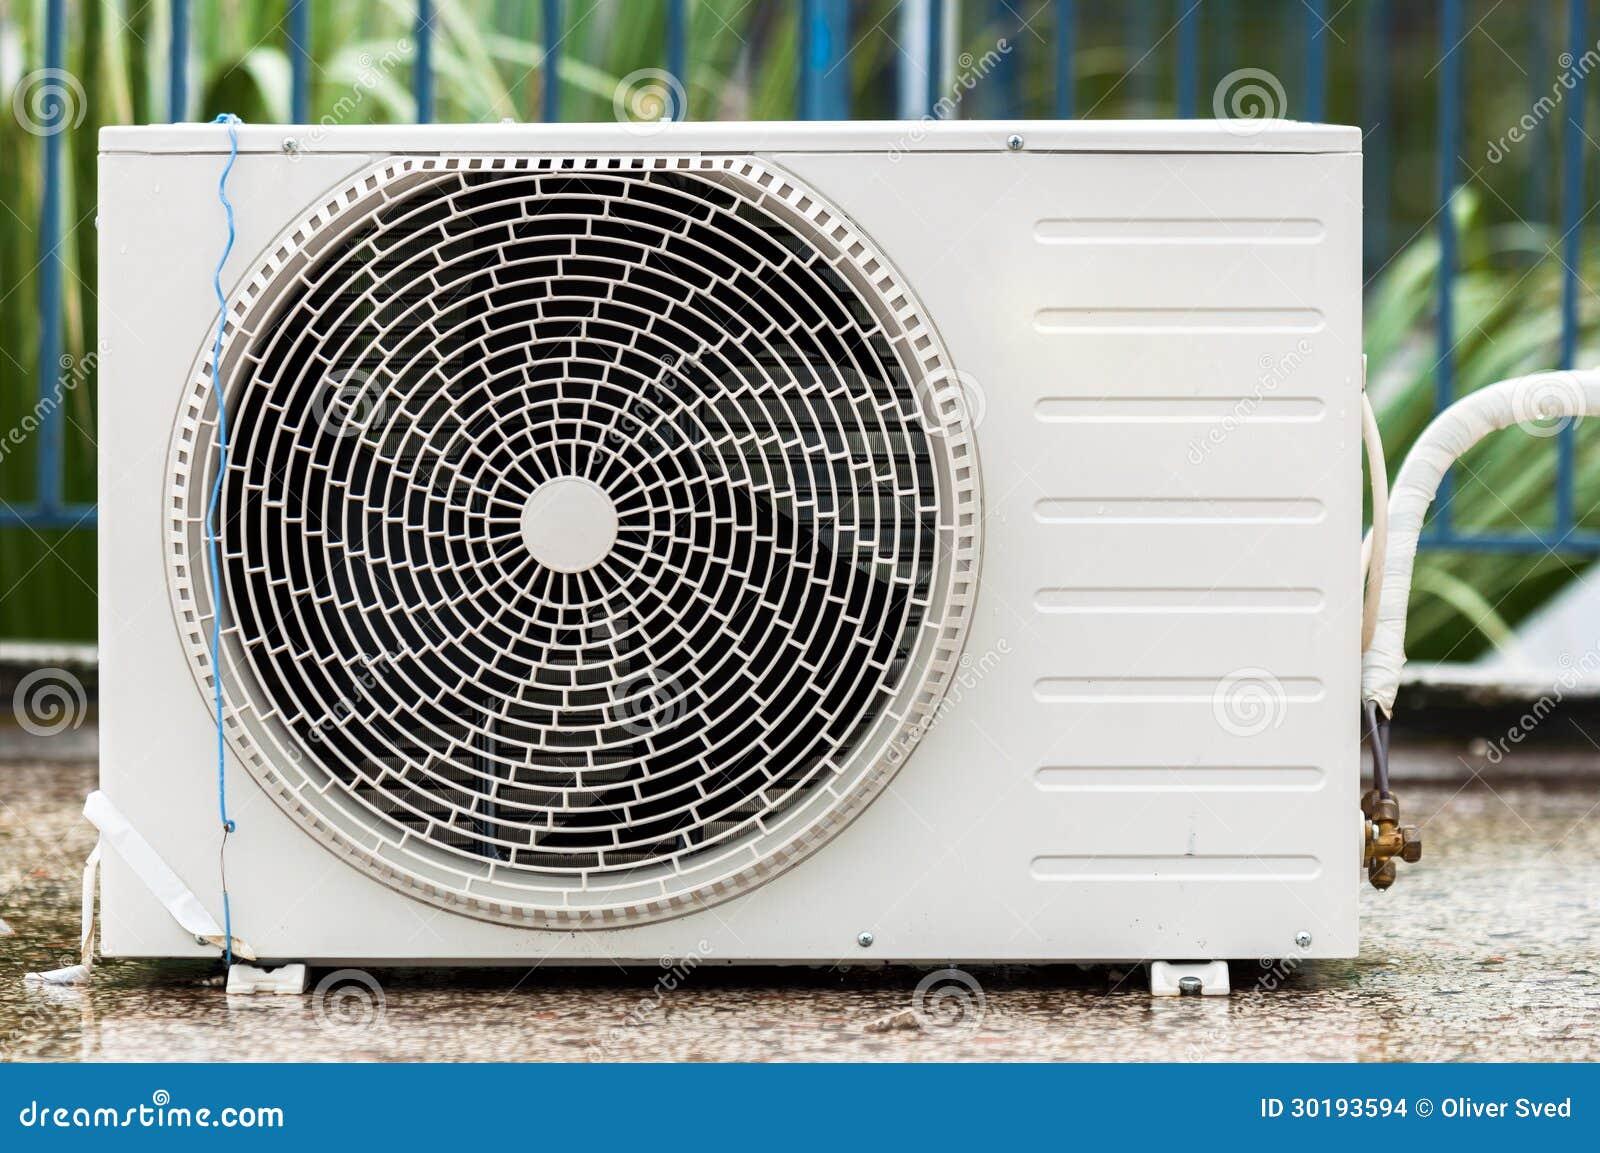 klimaanlage auf dem dach stockfoto bild von ventilation 30193594. Black Bedroom Furniture Sets. Home Design Ideas